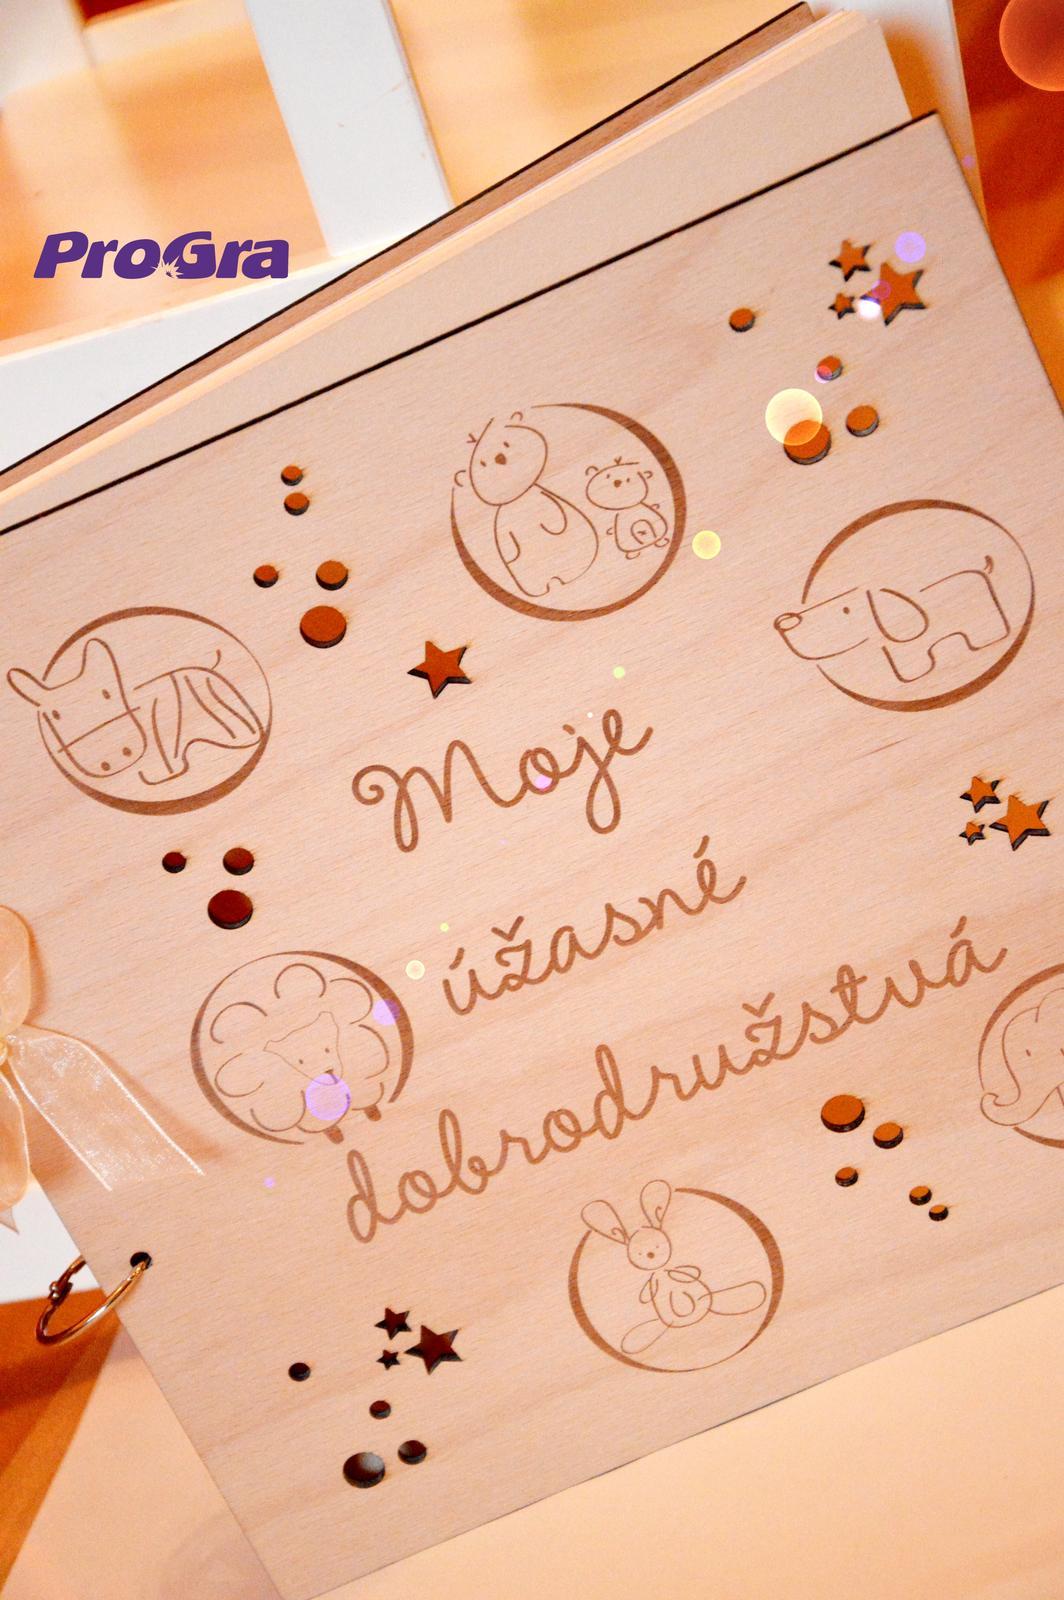 Po svatbě - fotoalbum s dřevěnými deskami a krásným gravírováním - možnost personalizace